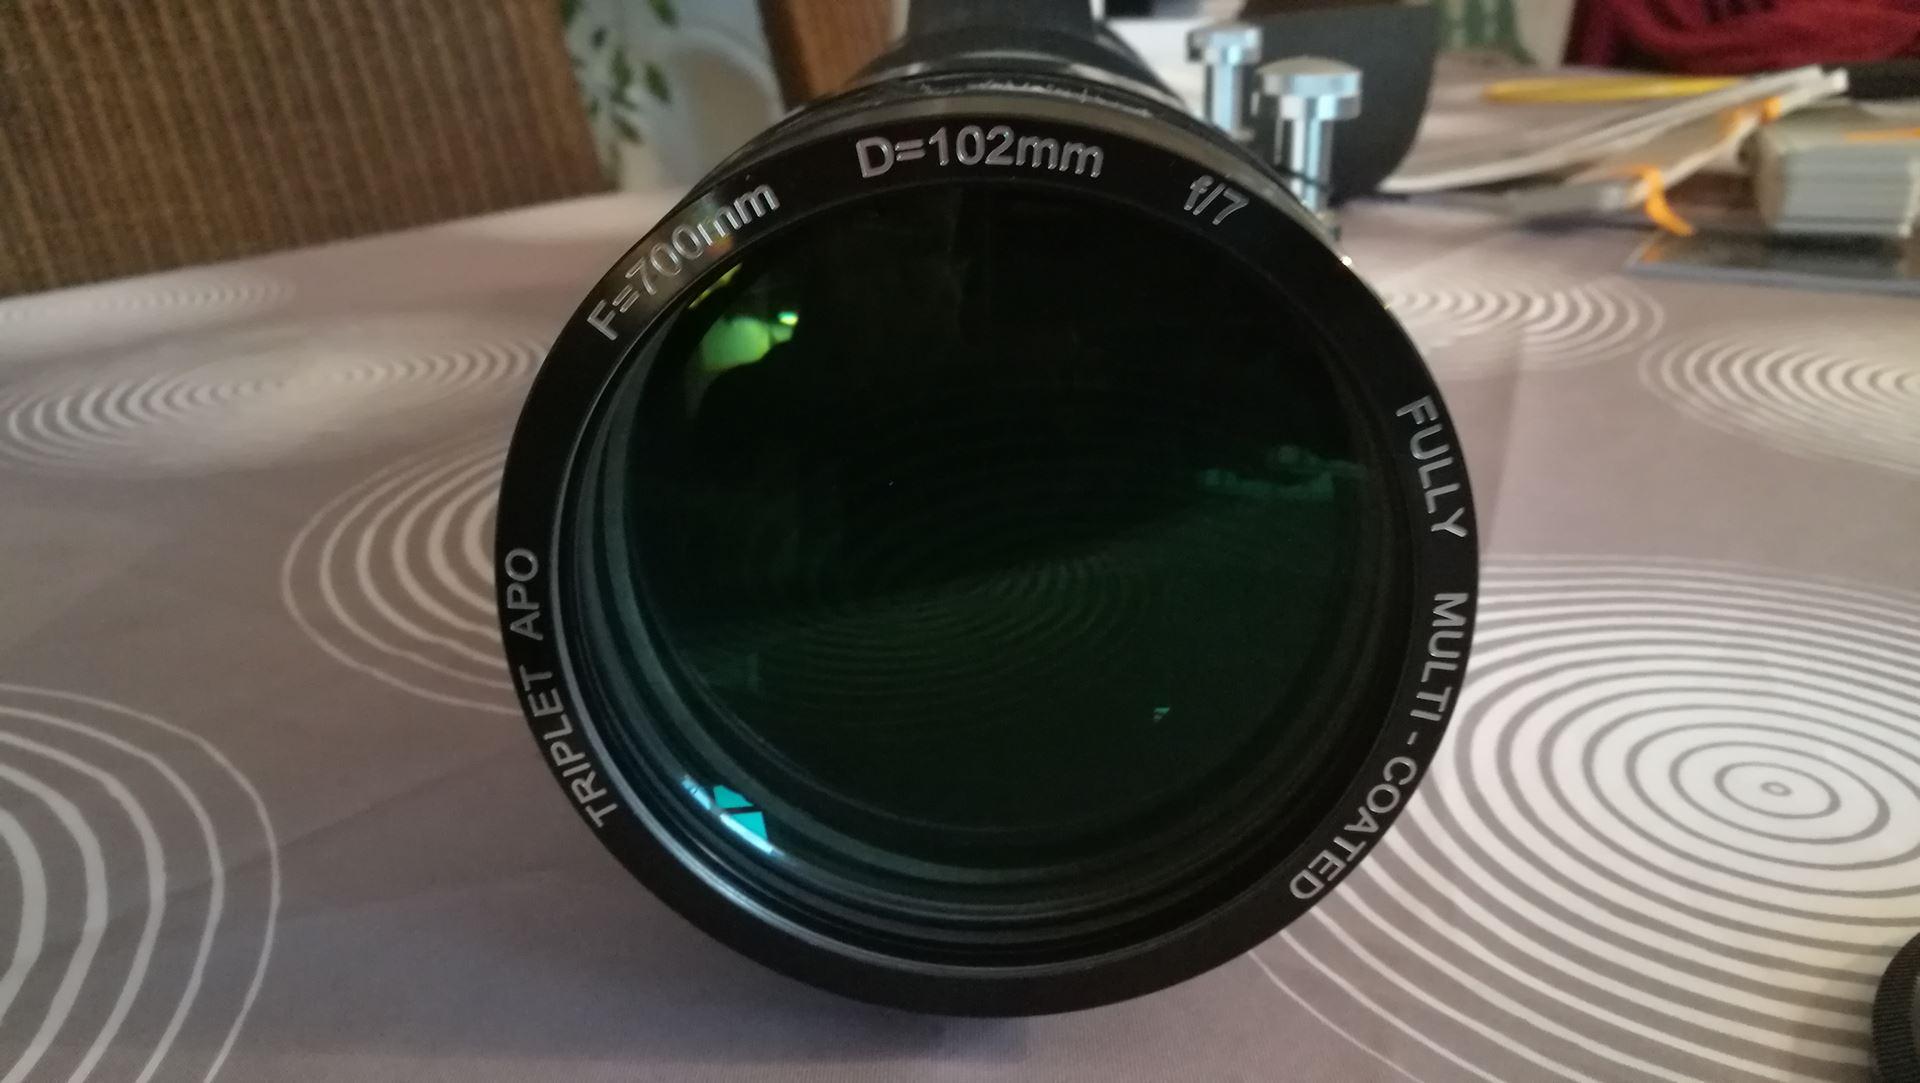 5db061895555f_lunette(2).jpg.4640b011e0d8063c86dce43c16acd1db.jpg